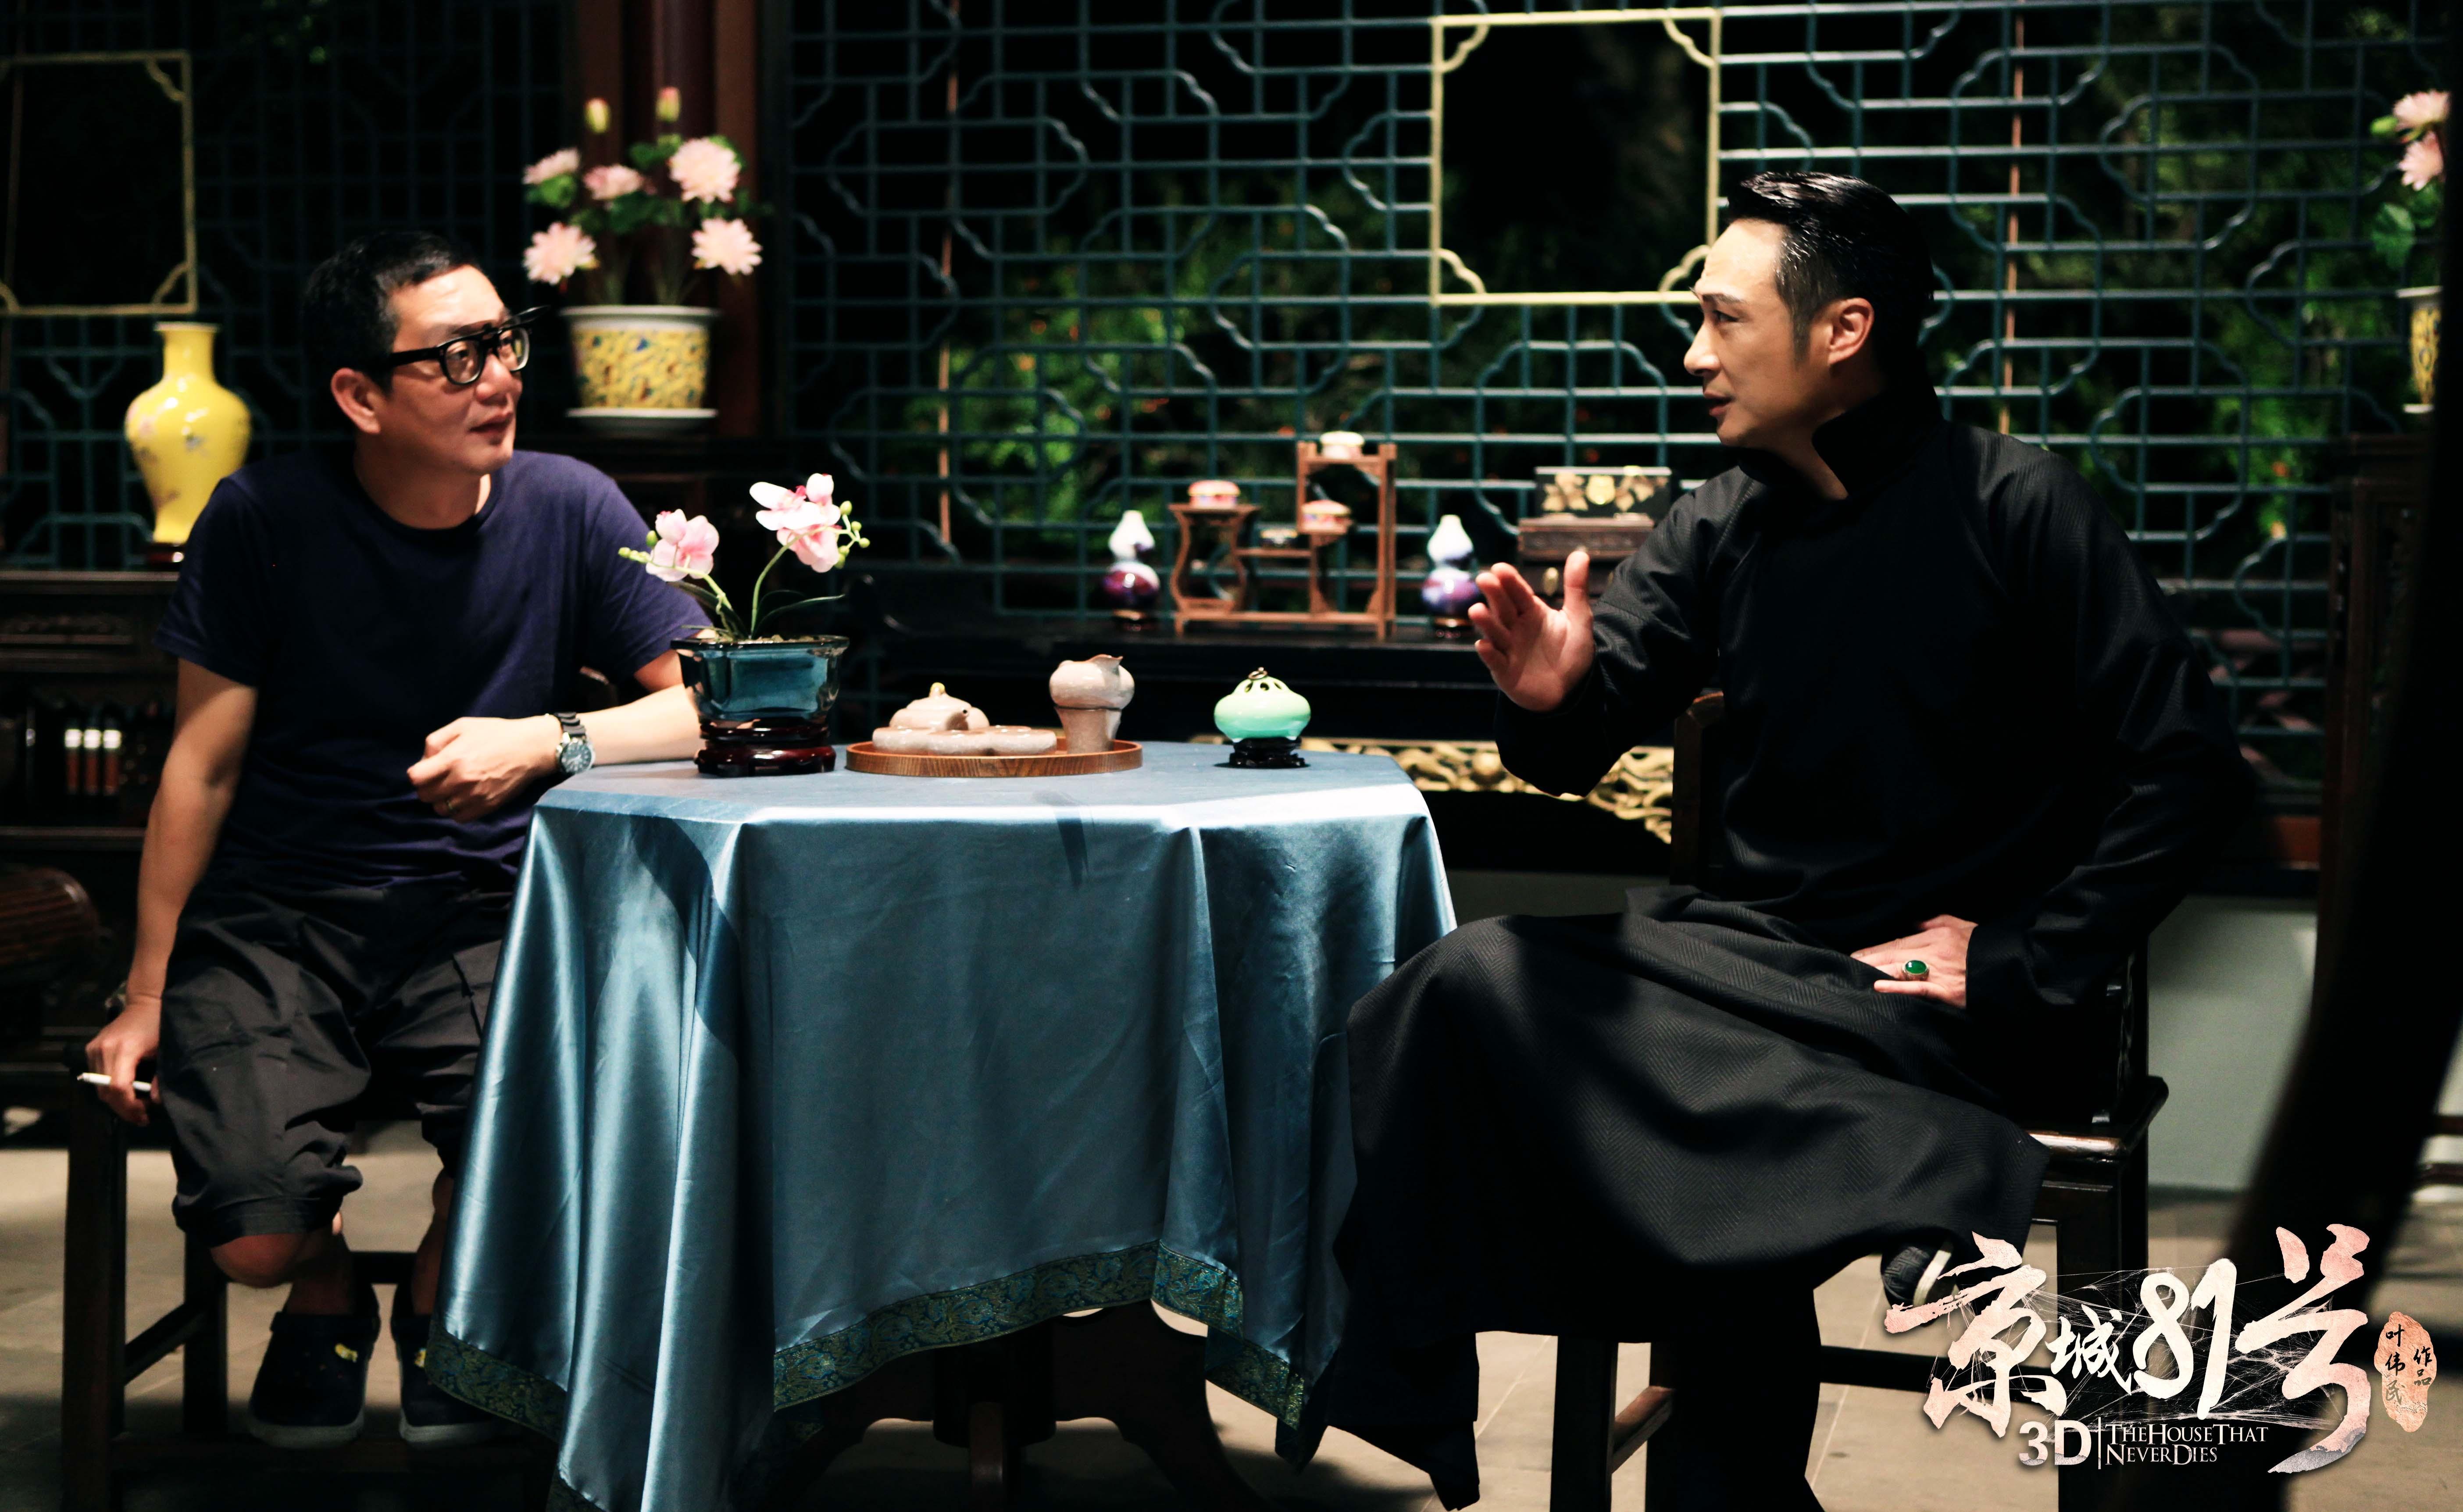 京城81号_电影剧照_图集_电影网_1905.com